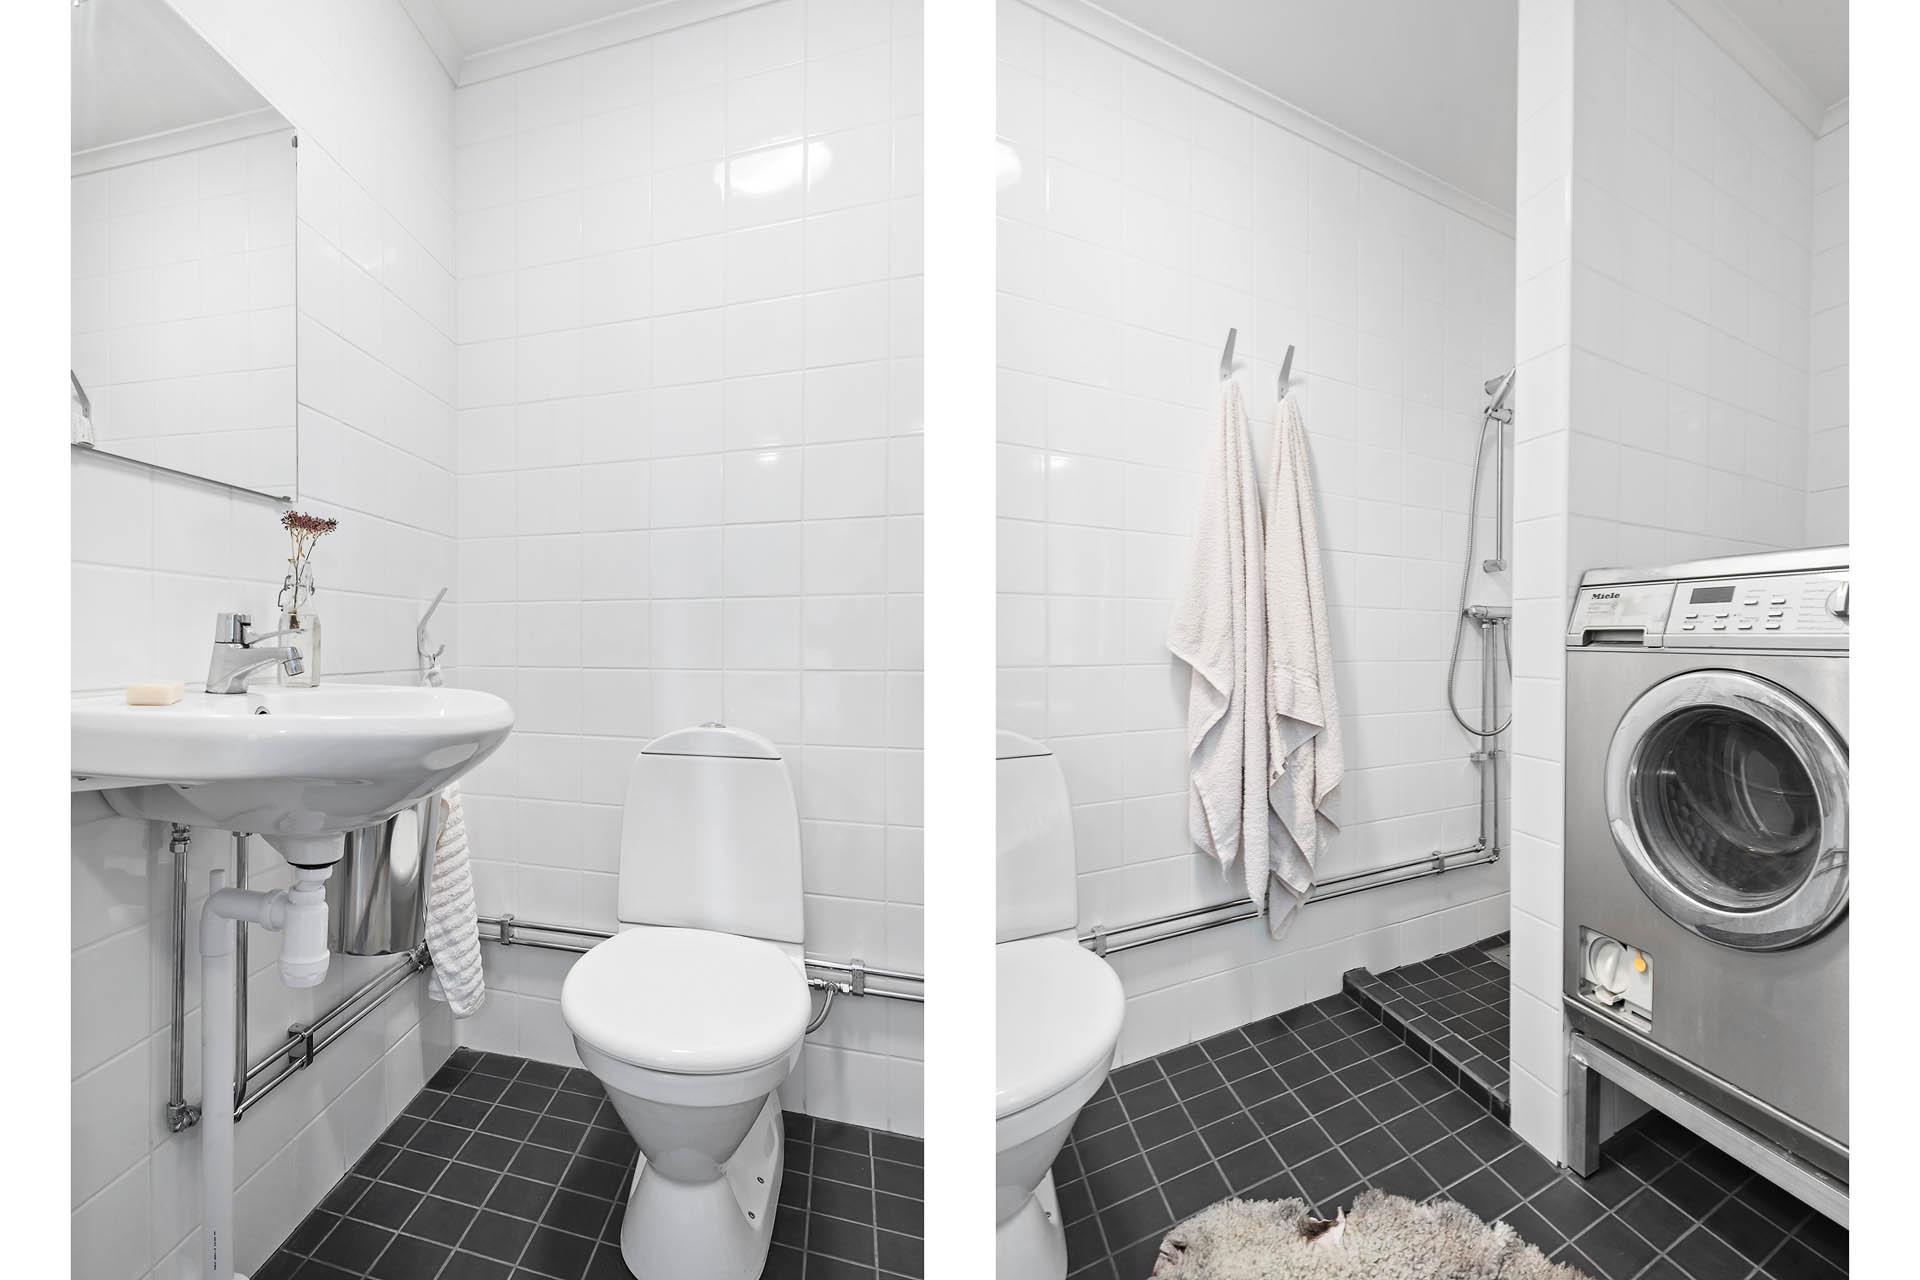 Duschrum med tvätt i gästlägenheten.